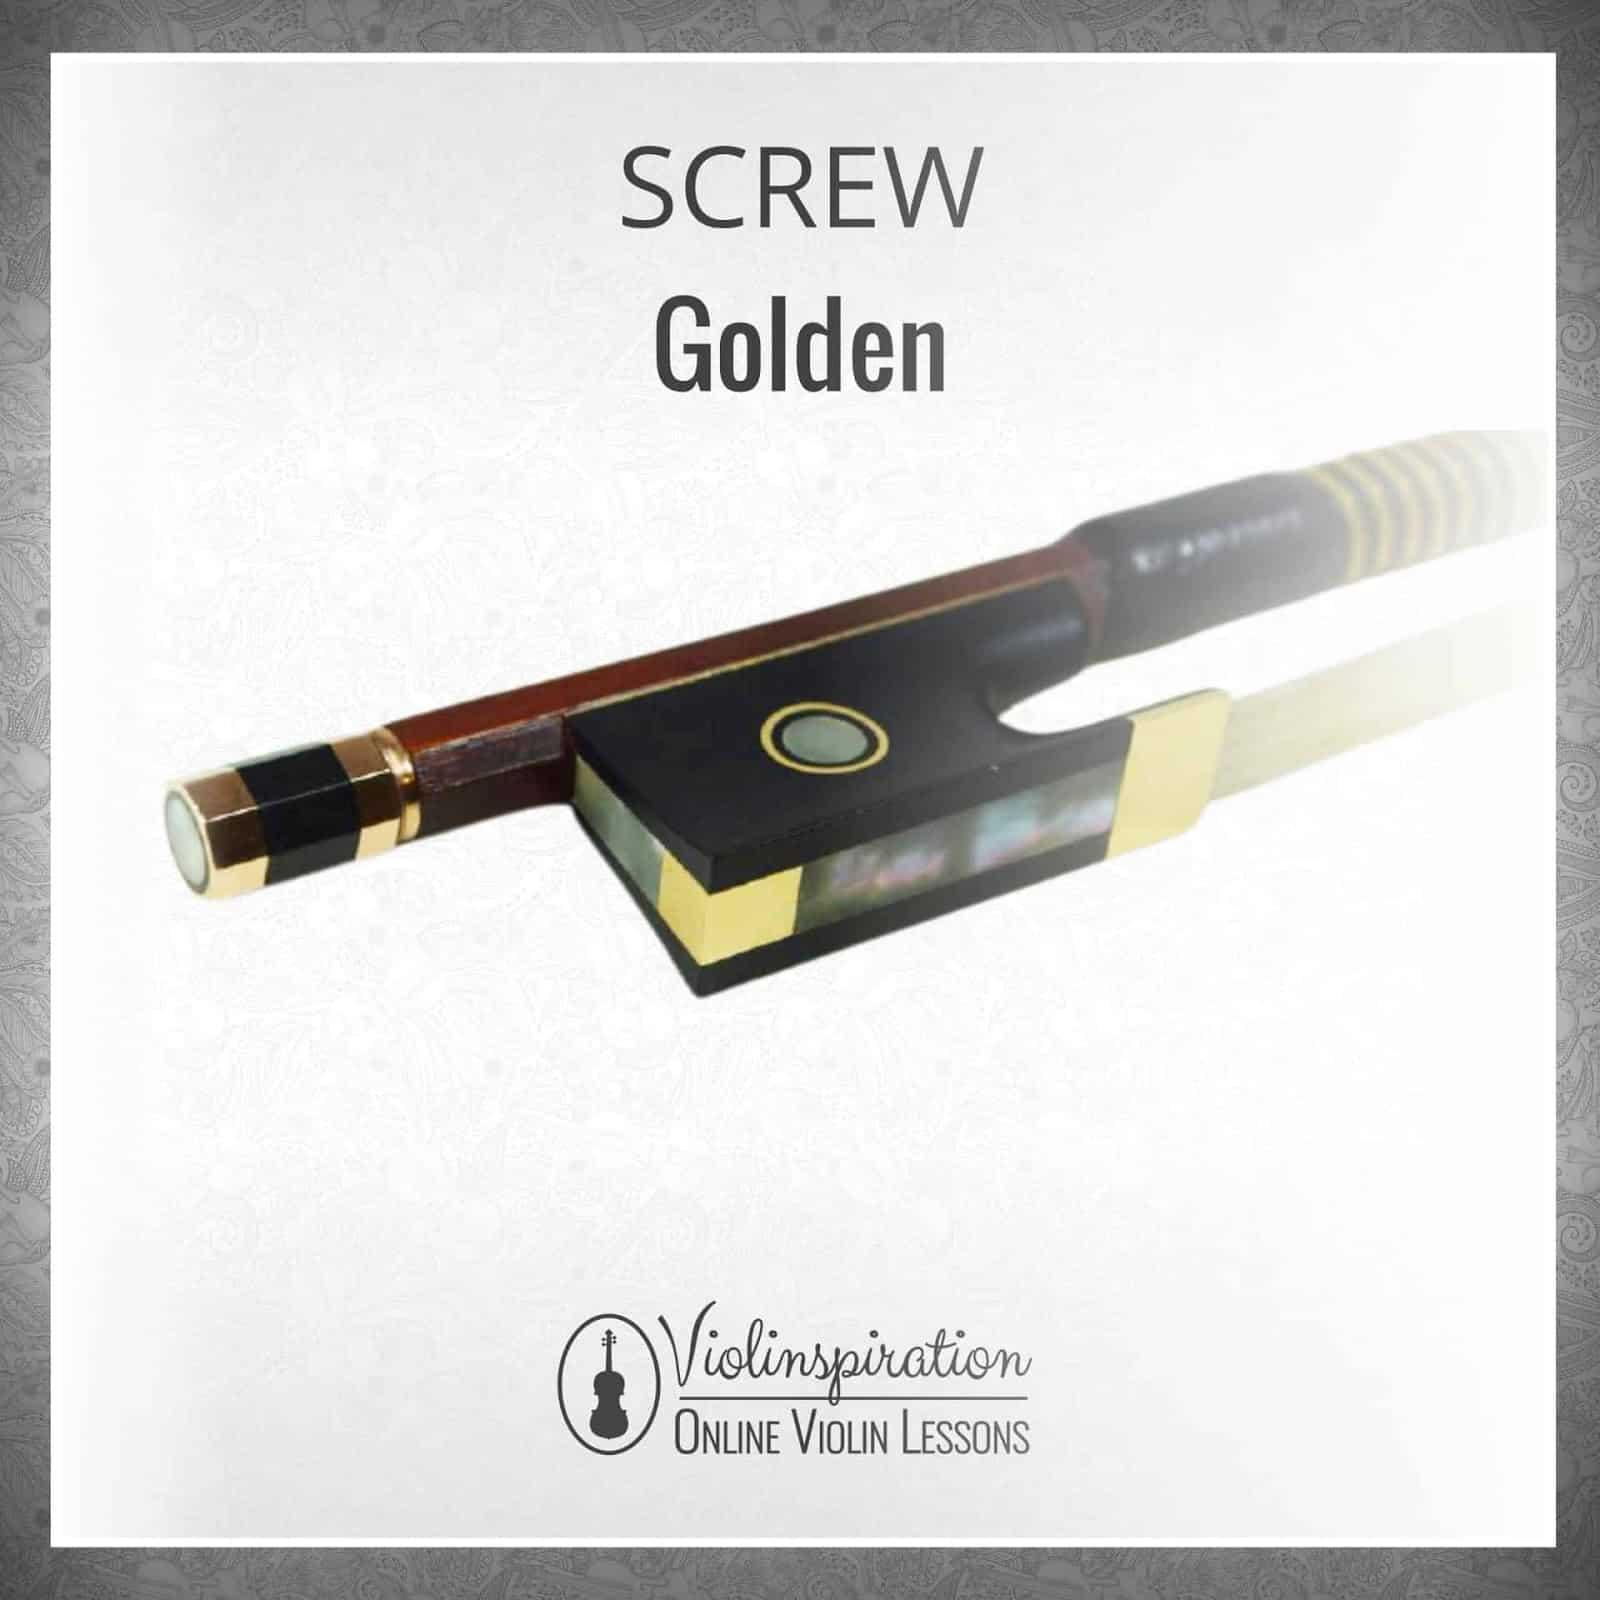 Violin Bow Materials - Golden Screw